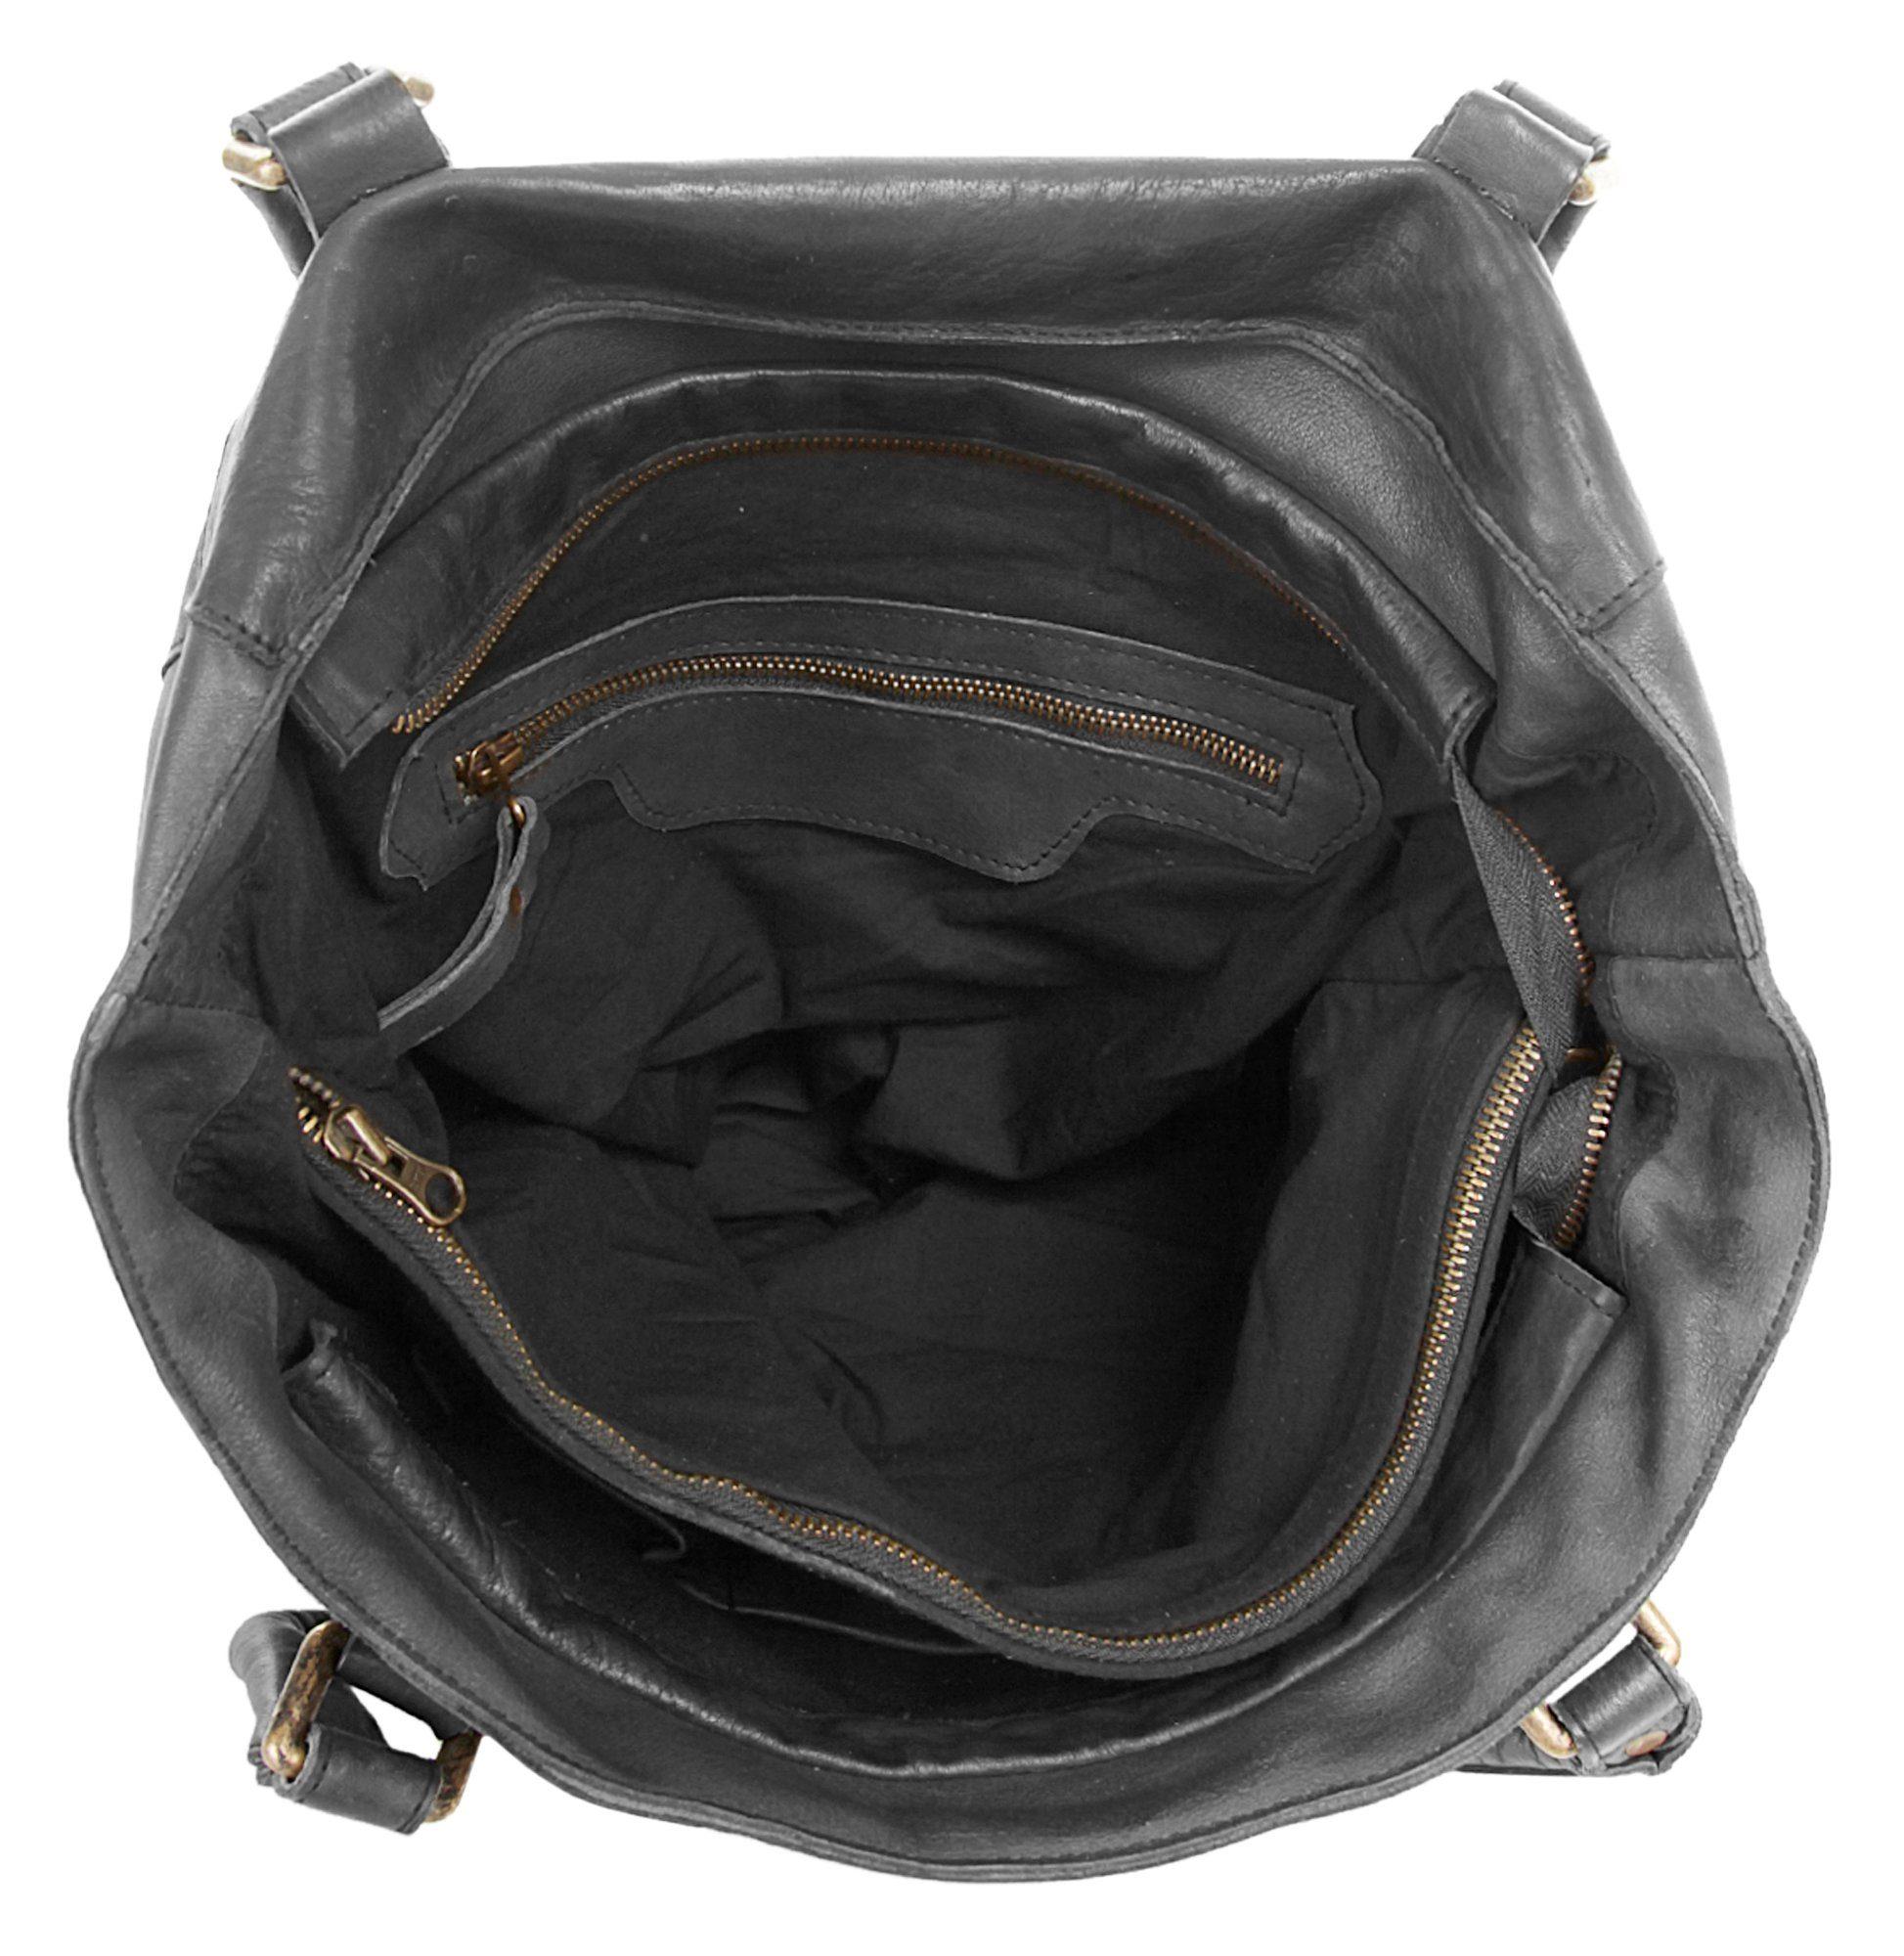 Kaufen X 45 Breite nr 35 Cm Look Artikel 3989431699 12 Shopper Höhe Tiefe Samantha Online aqnxwAPZf